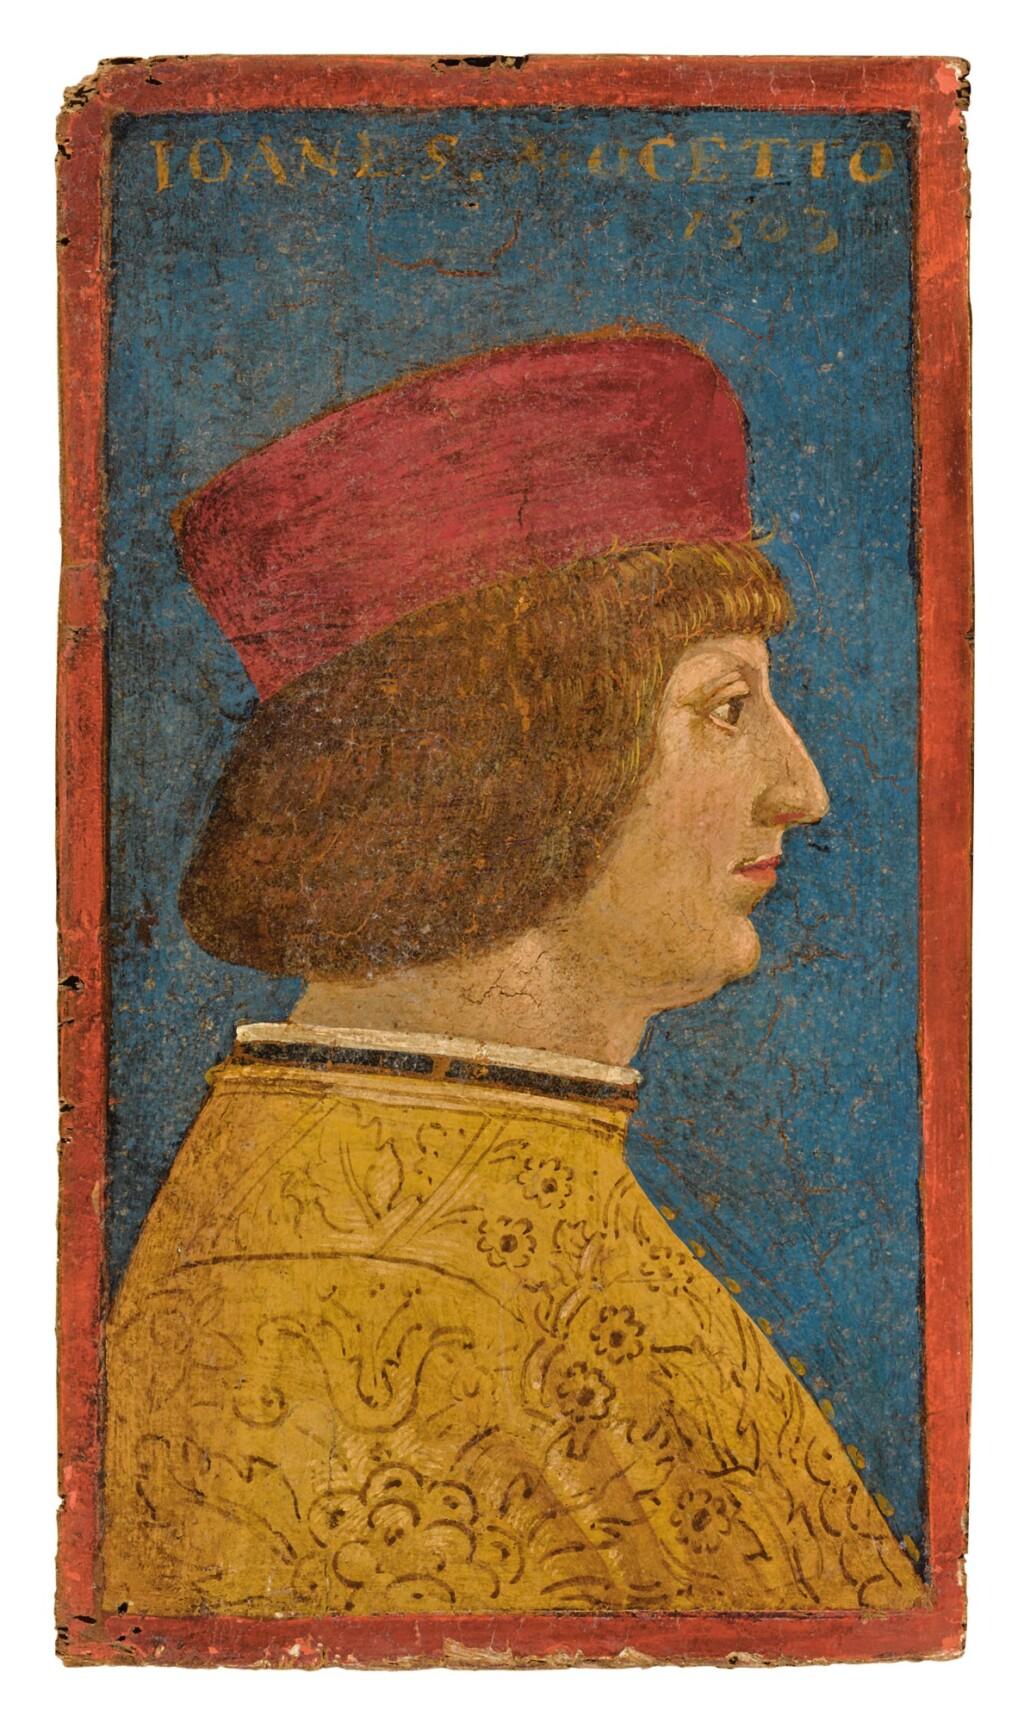 LOMBARD SCHOOL, CIRCA 1500   PORTRAIT OF A MAN IN PROFILE, SAID TO BE GIOVANNI MOCETTO